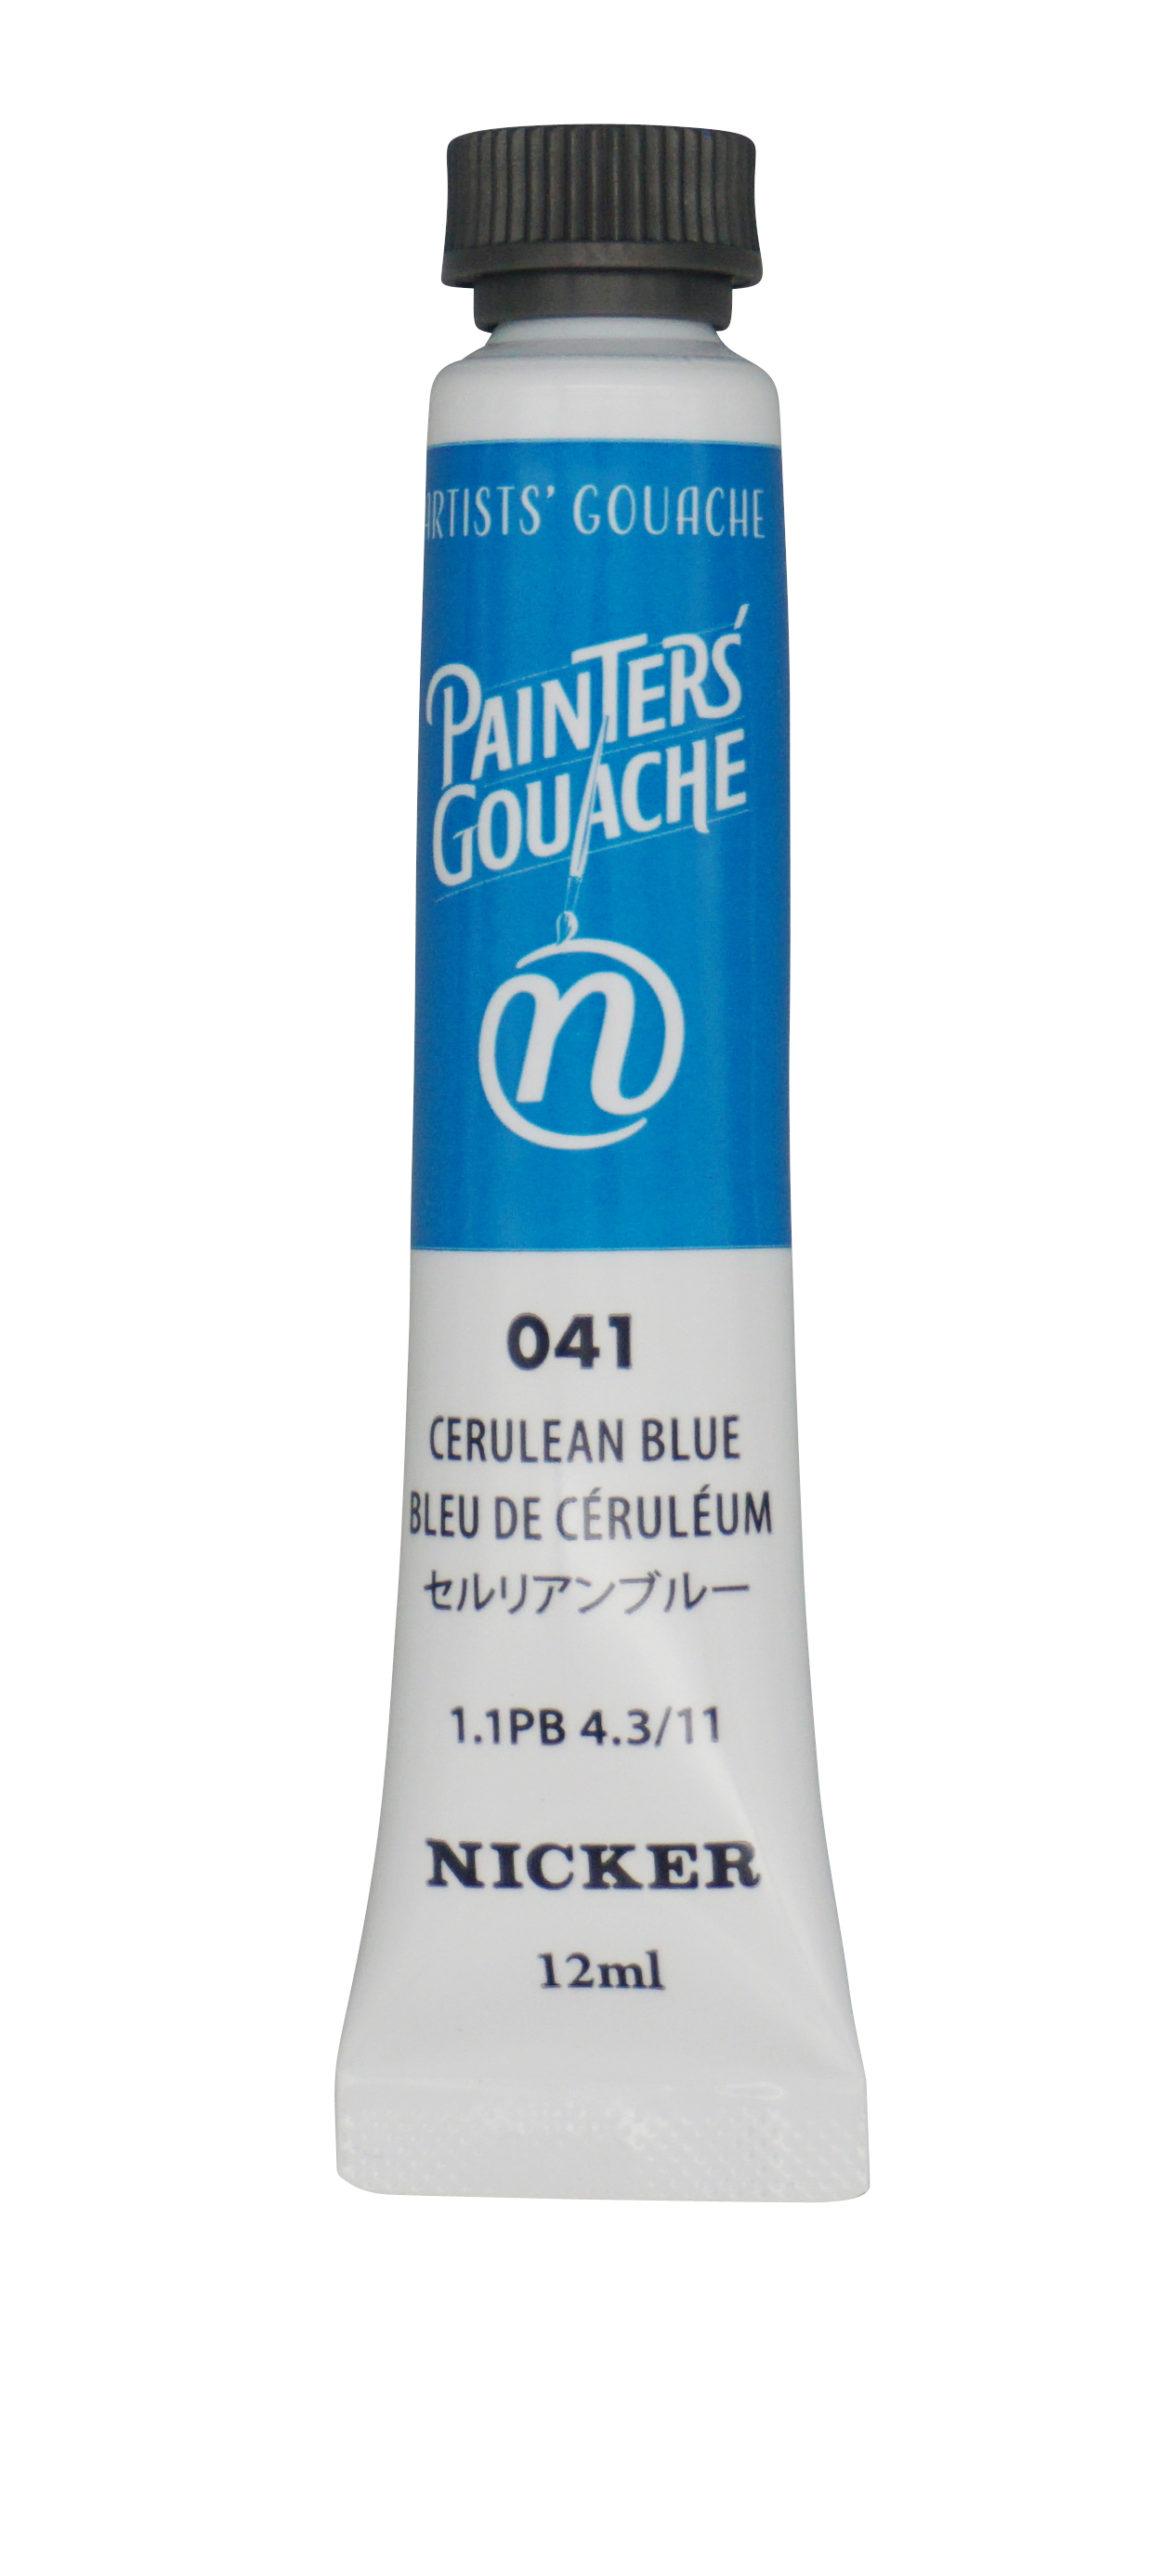 PAINTER'S GOUACHE CERULEAN BLUE